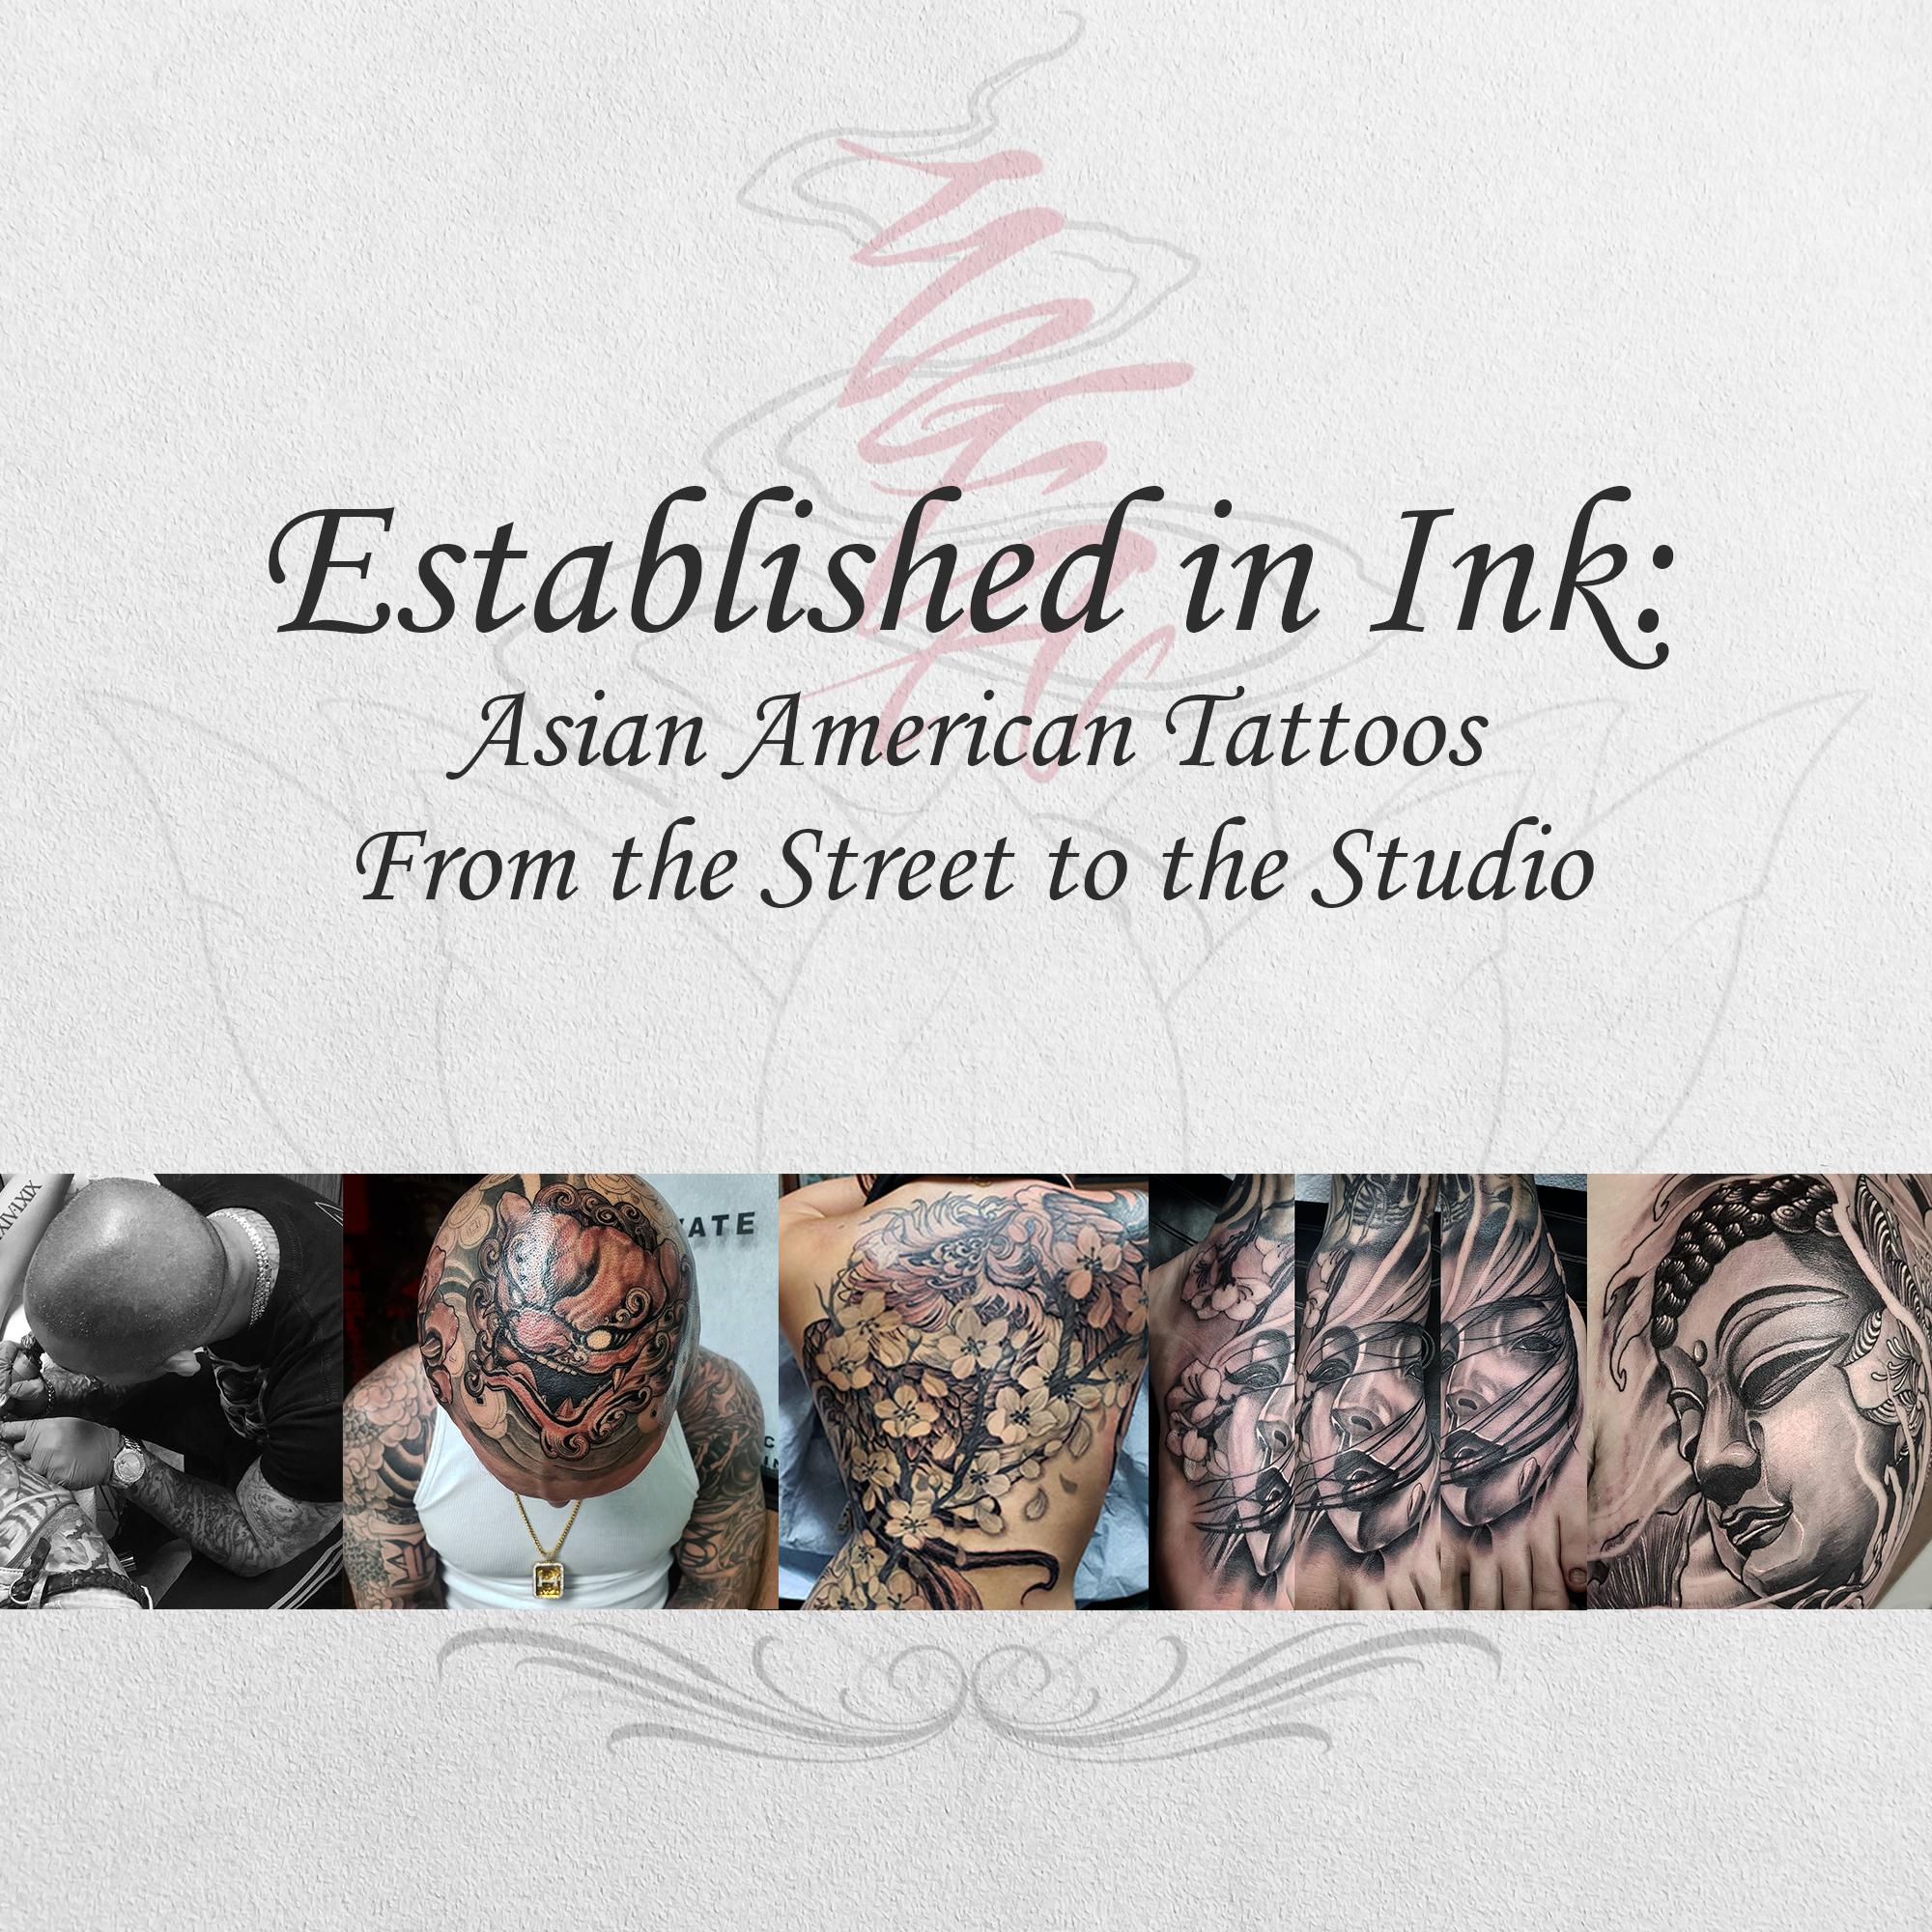 Established in Ink